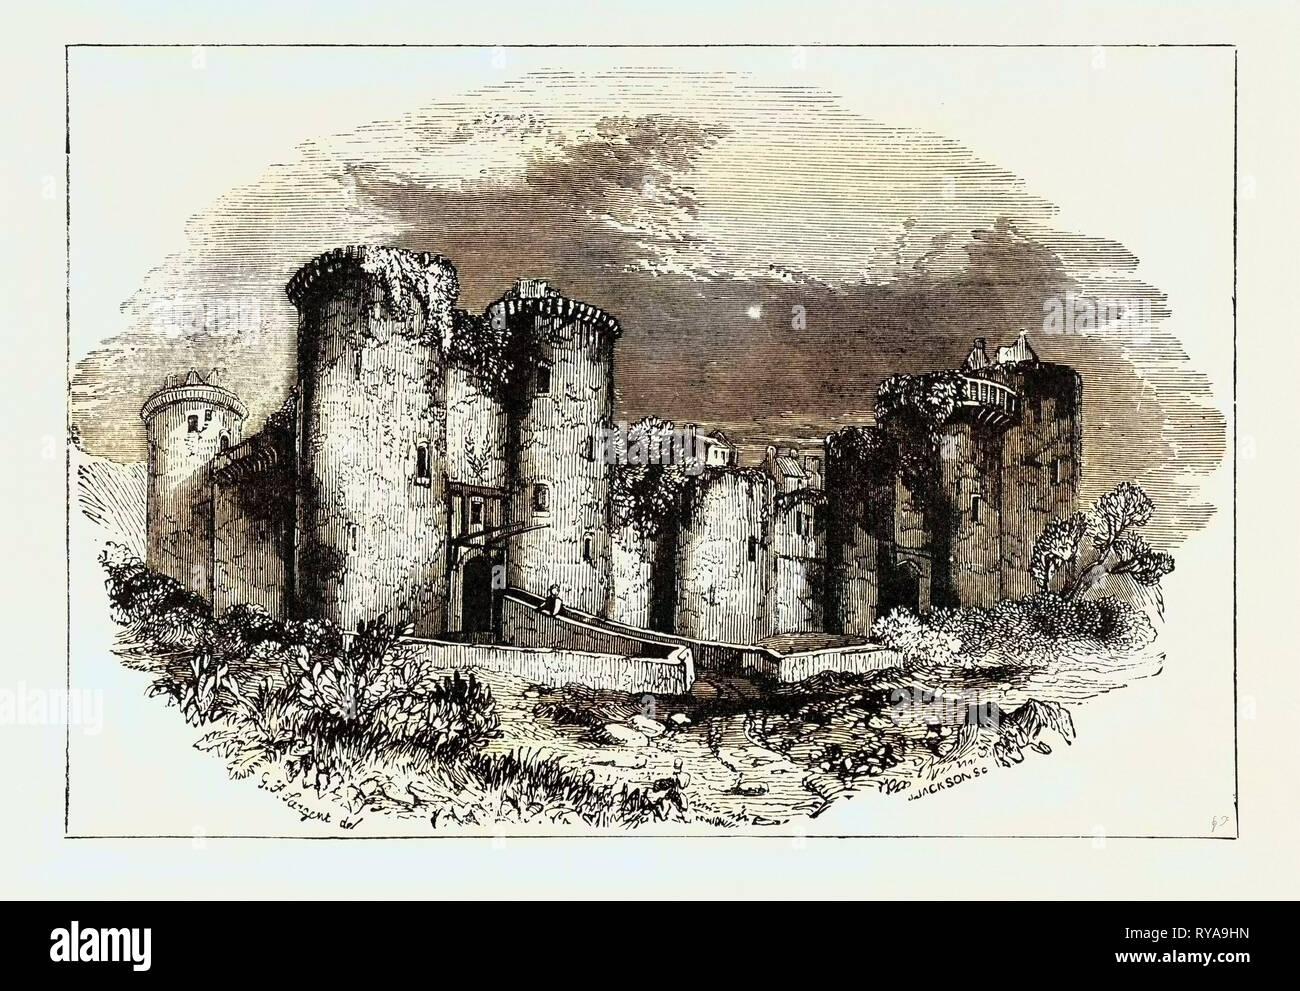 Les 4 Pieds Rouen rouen castle stock photos & rouen castle stock images - alamy